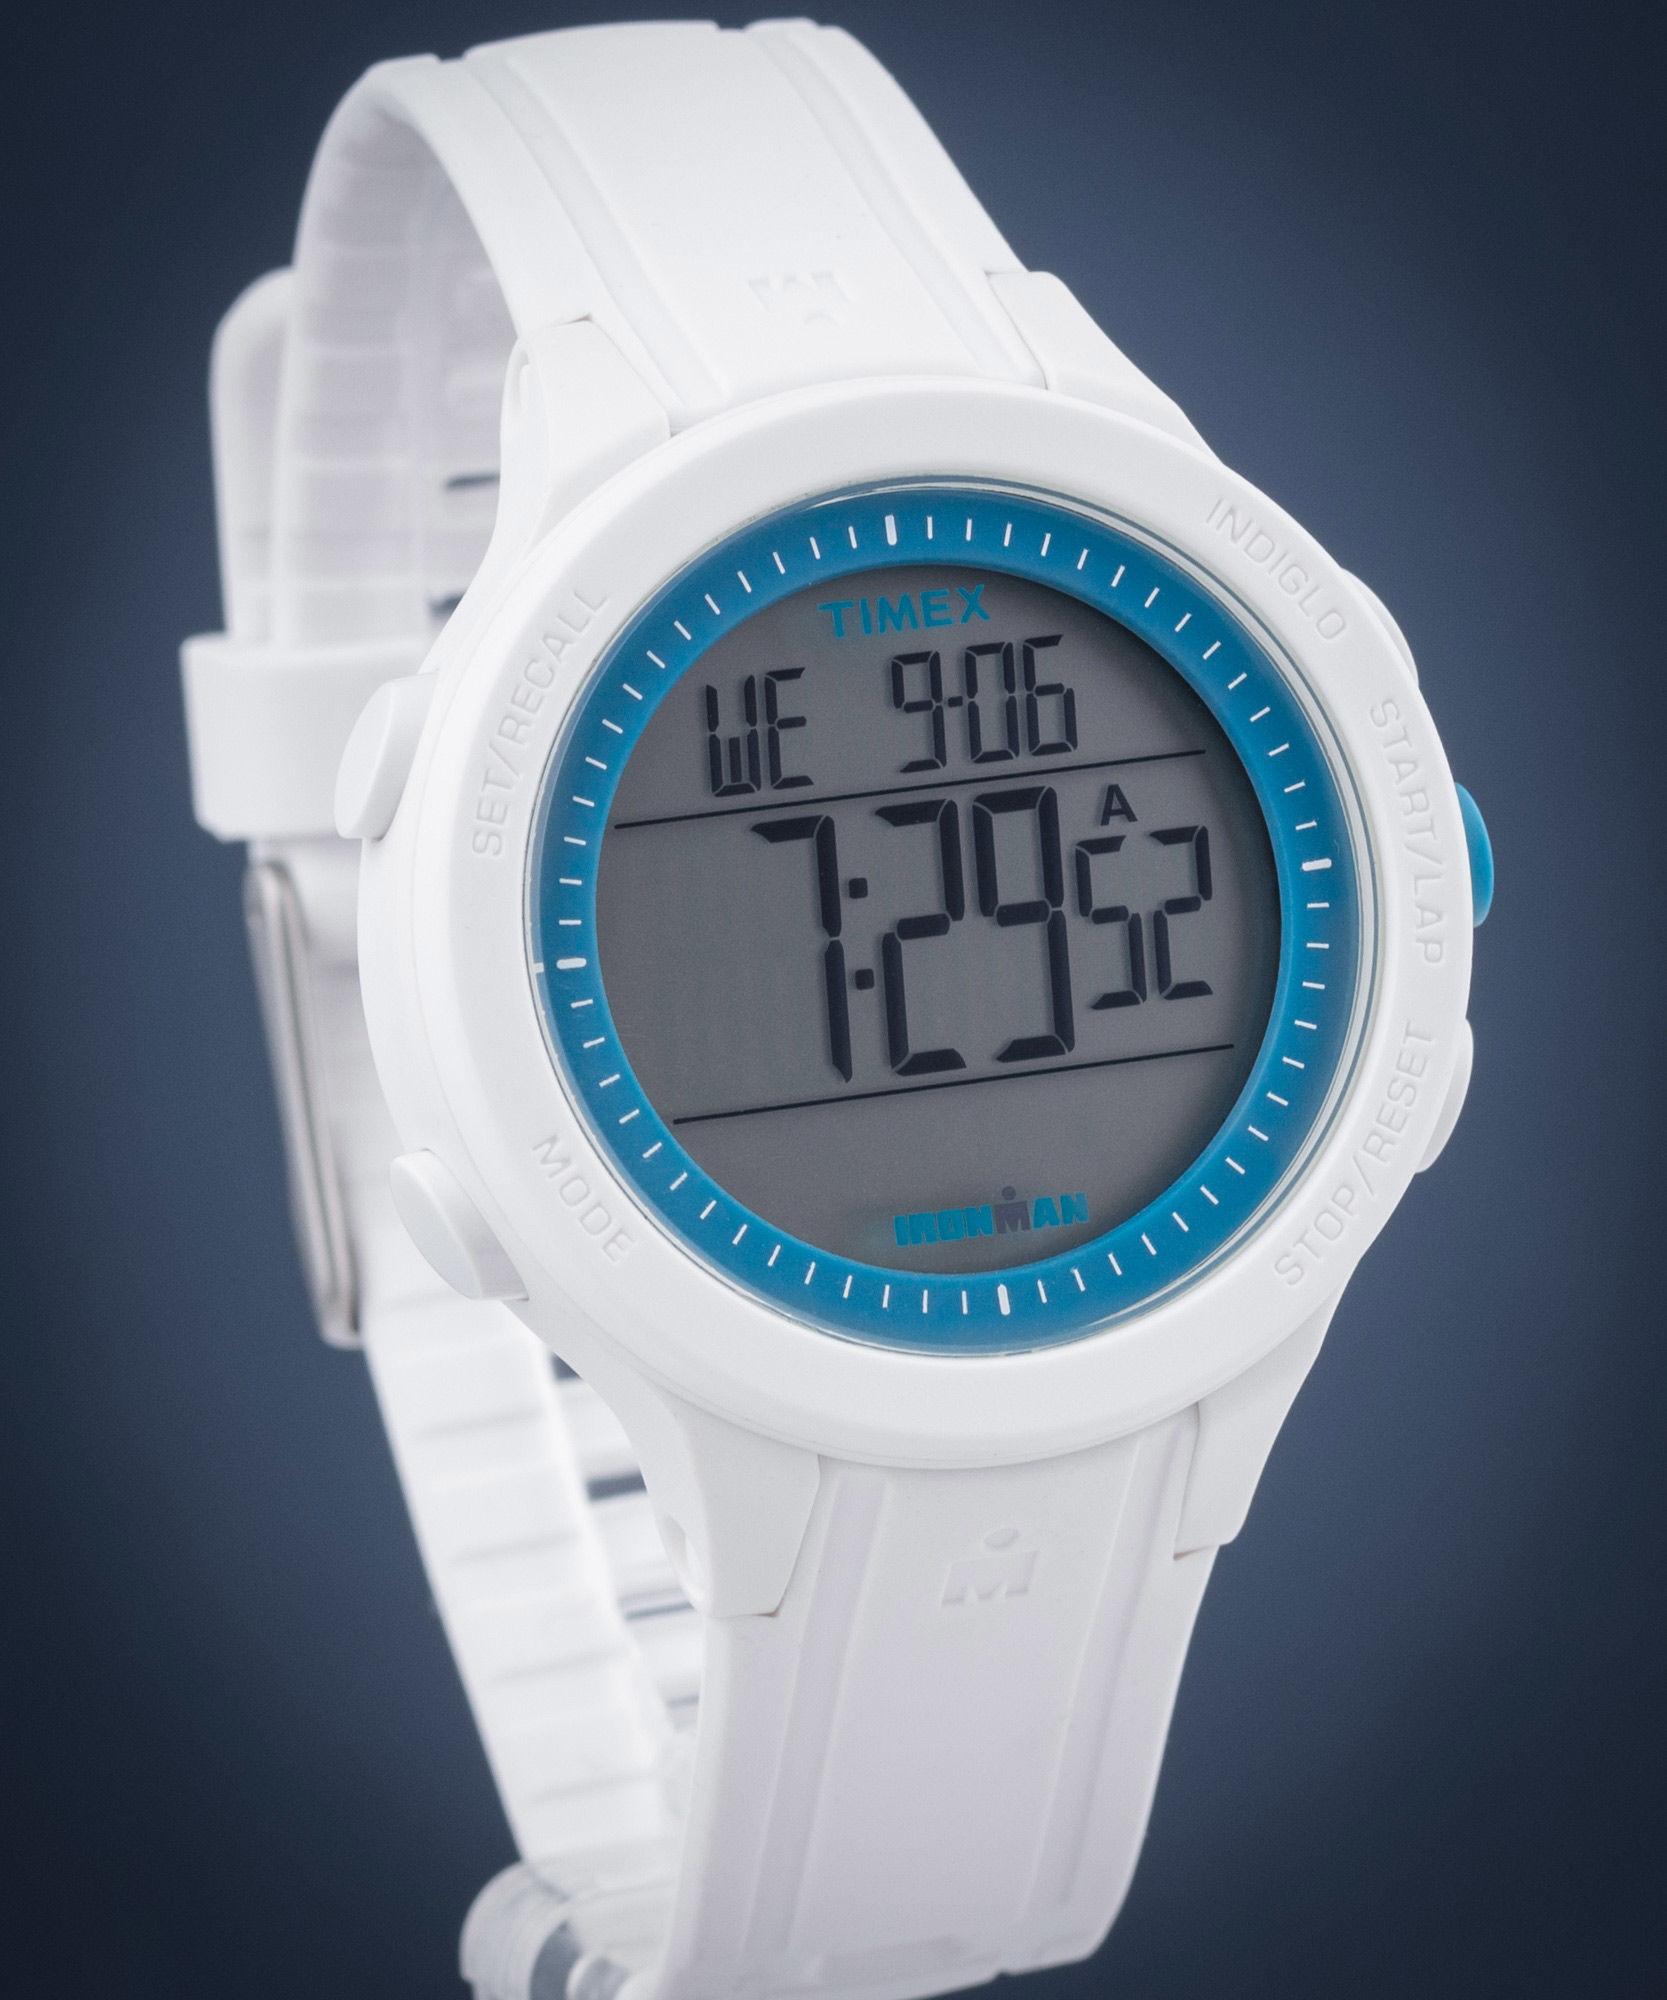 Timex TW5M14800 > Wysyłka tego samego dnia Grawer 0zł Darmowa dostawa Kurierem/Inpost Darmowy zwrot przez 100 DNI